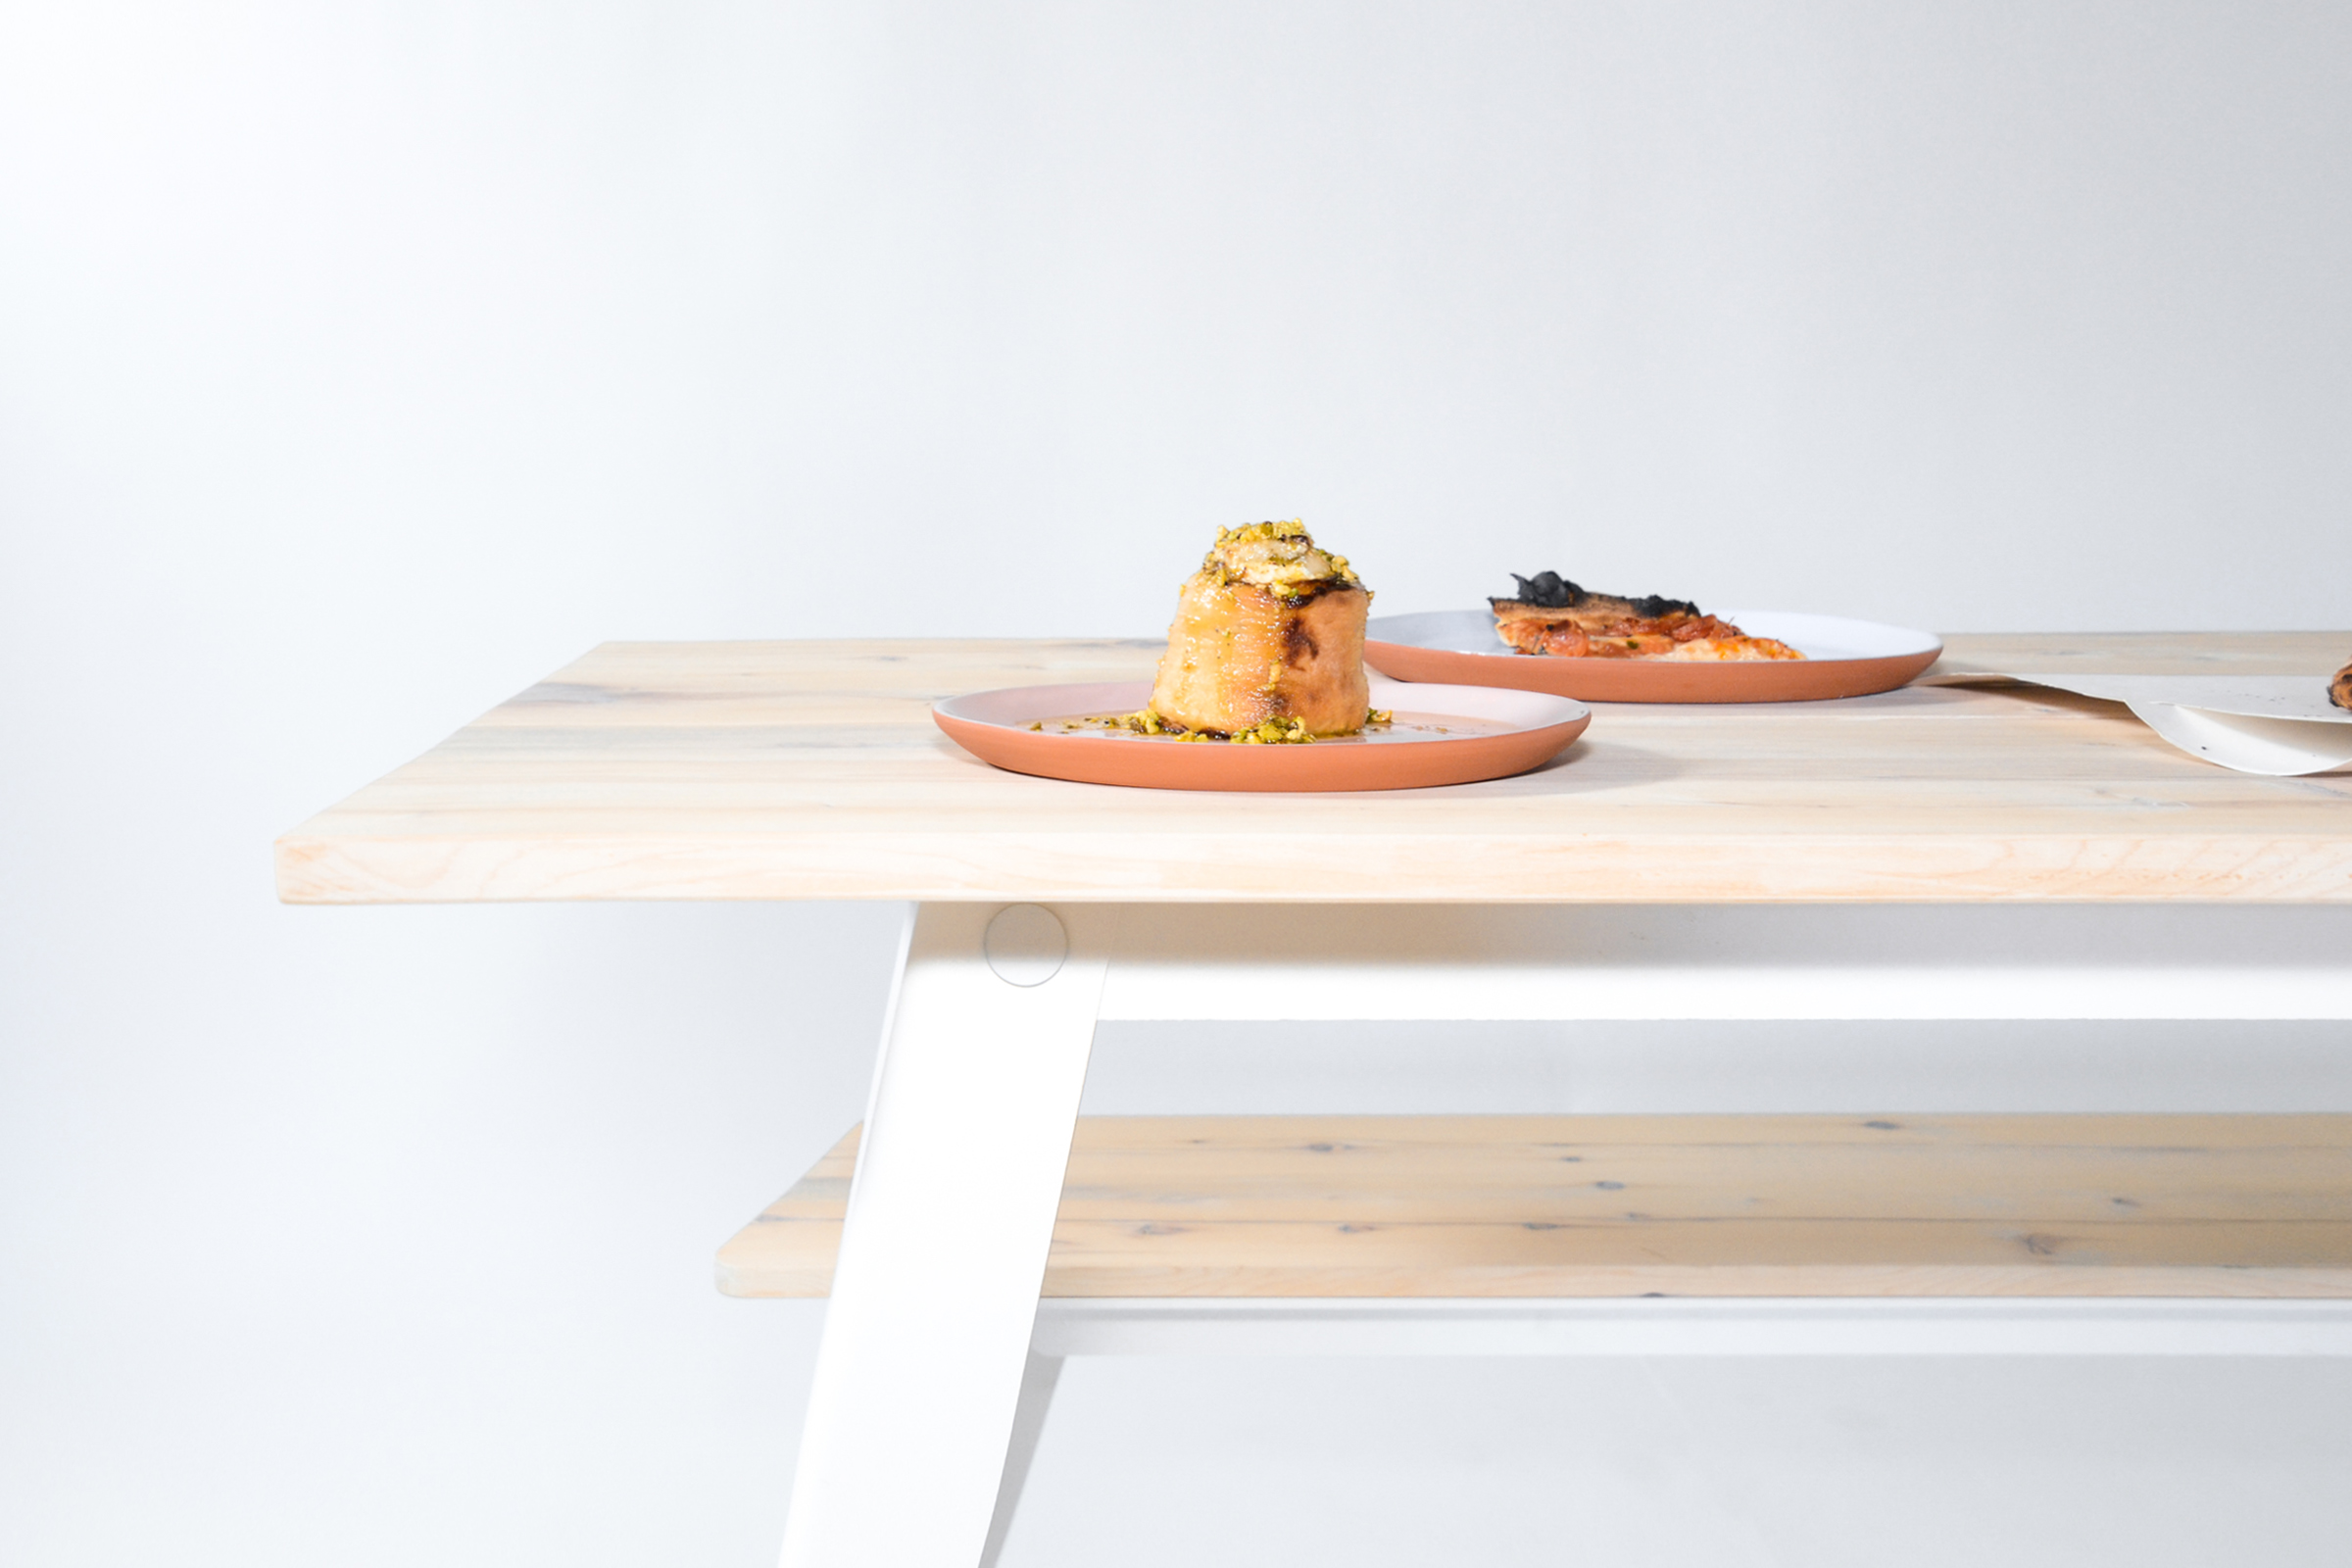 RAMBLER Picnic Table - Vetri Rotolo, Pizzeria